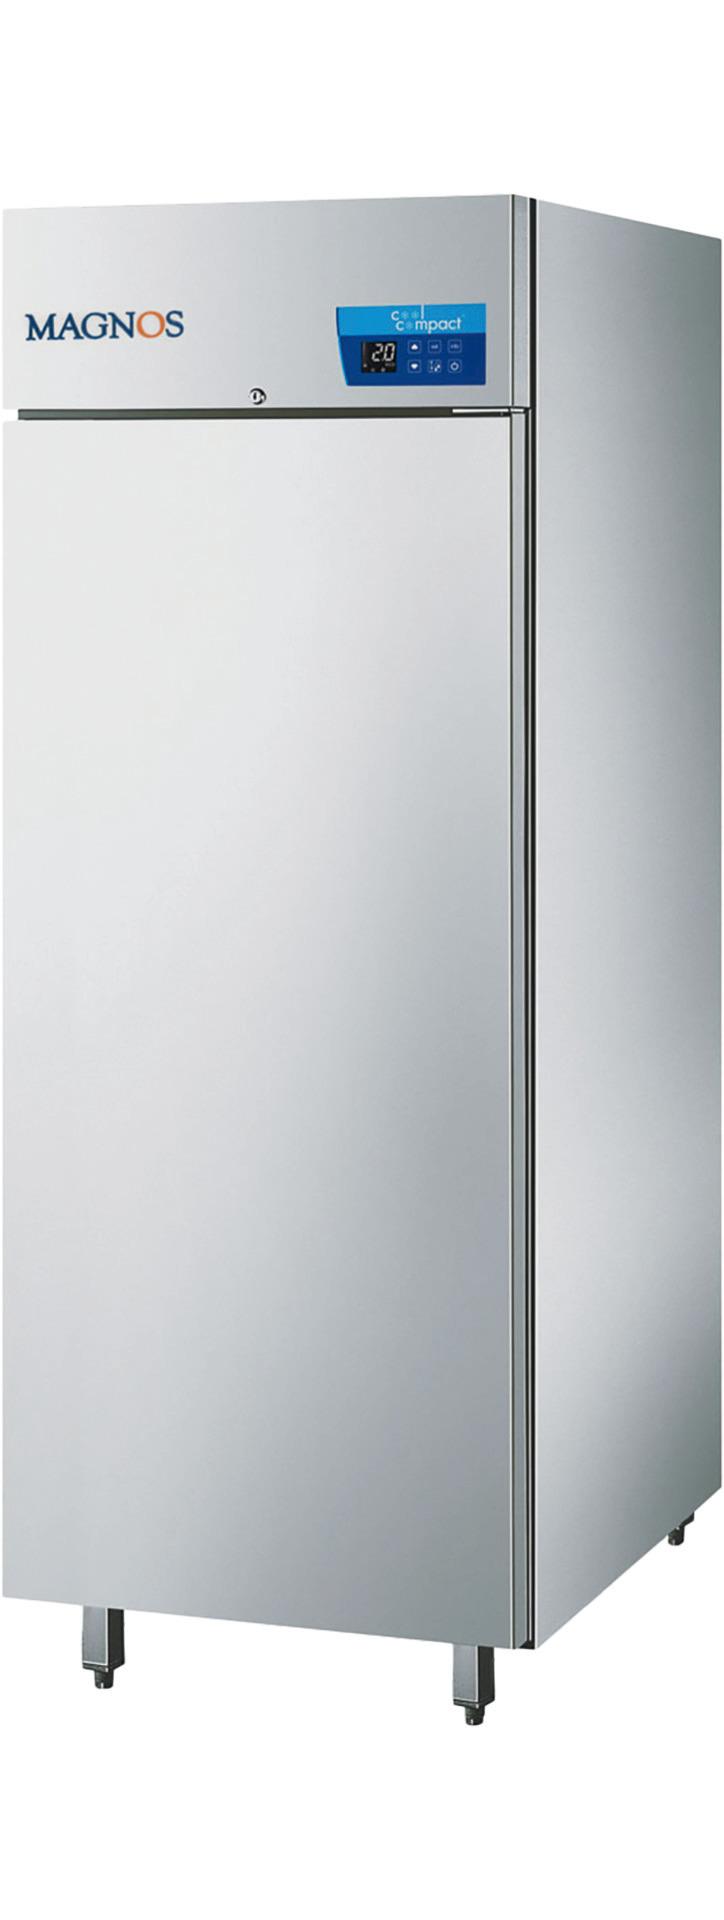 Umluft-Tiefkühlschrank 23 x GN 2/1 /  Magnos / steckerfertig